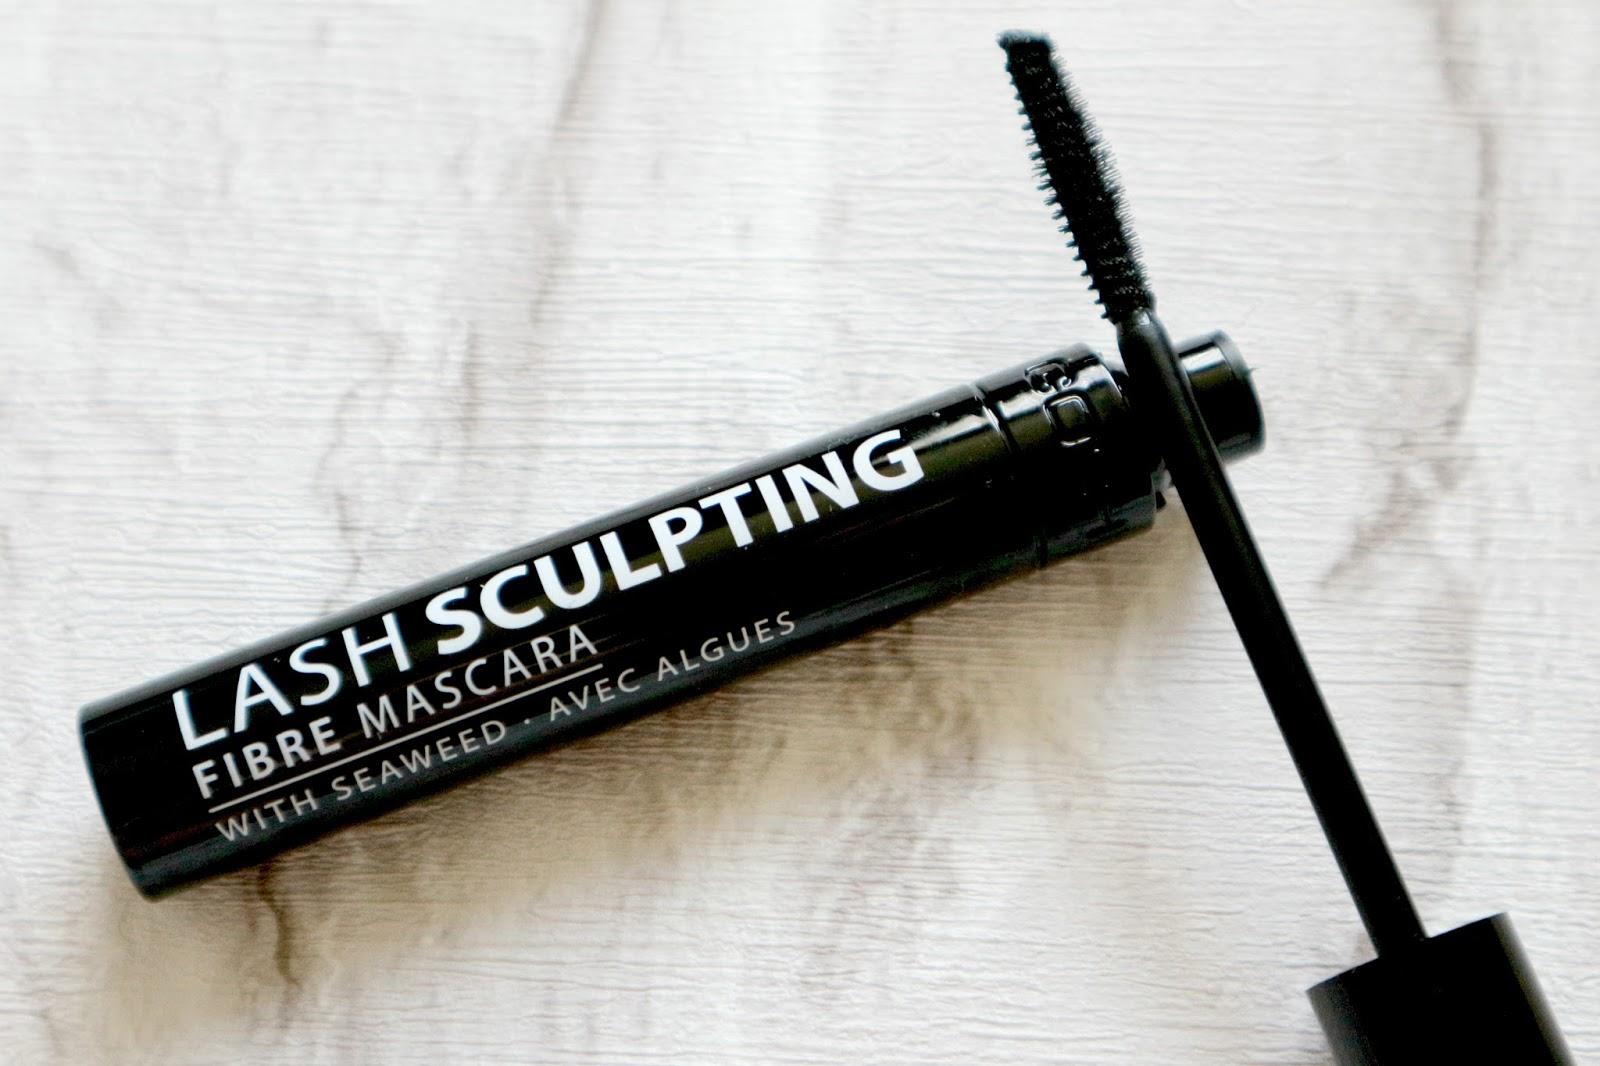 GOSH Lash Sculpting Fibre Mascara